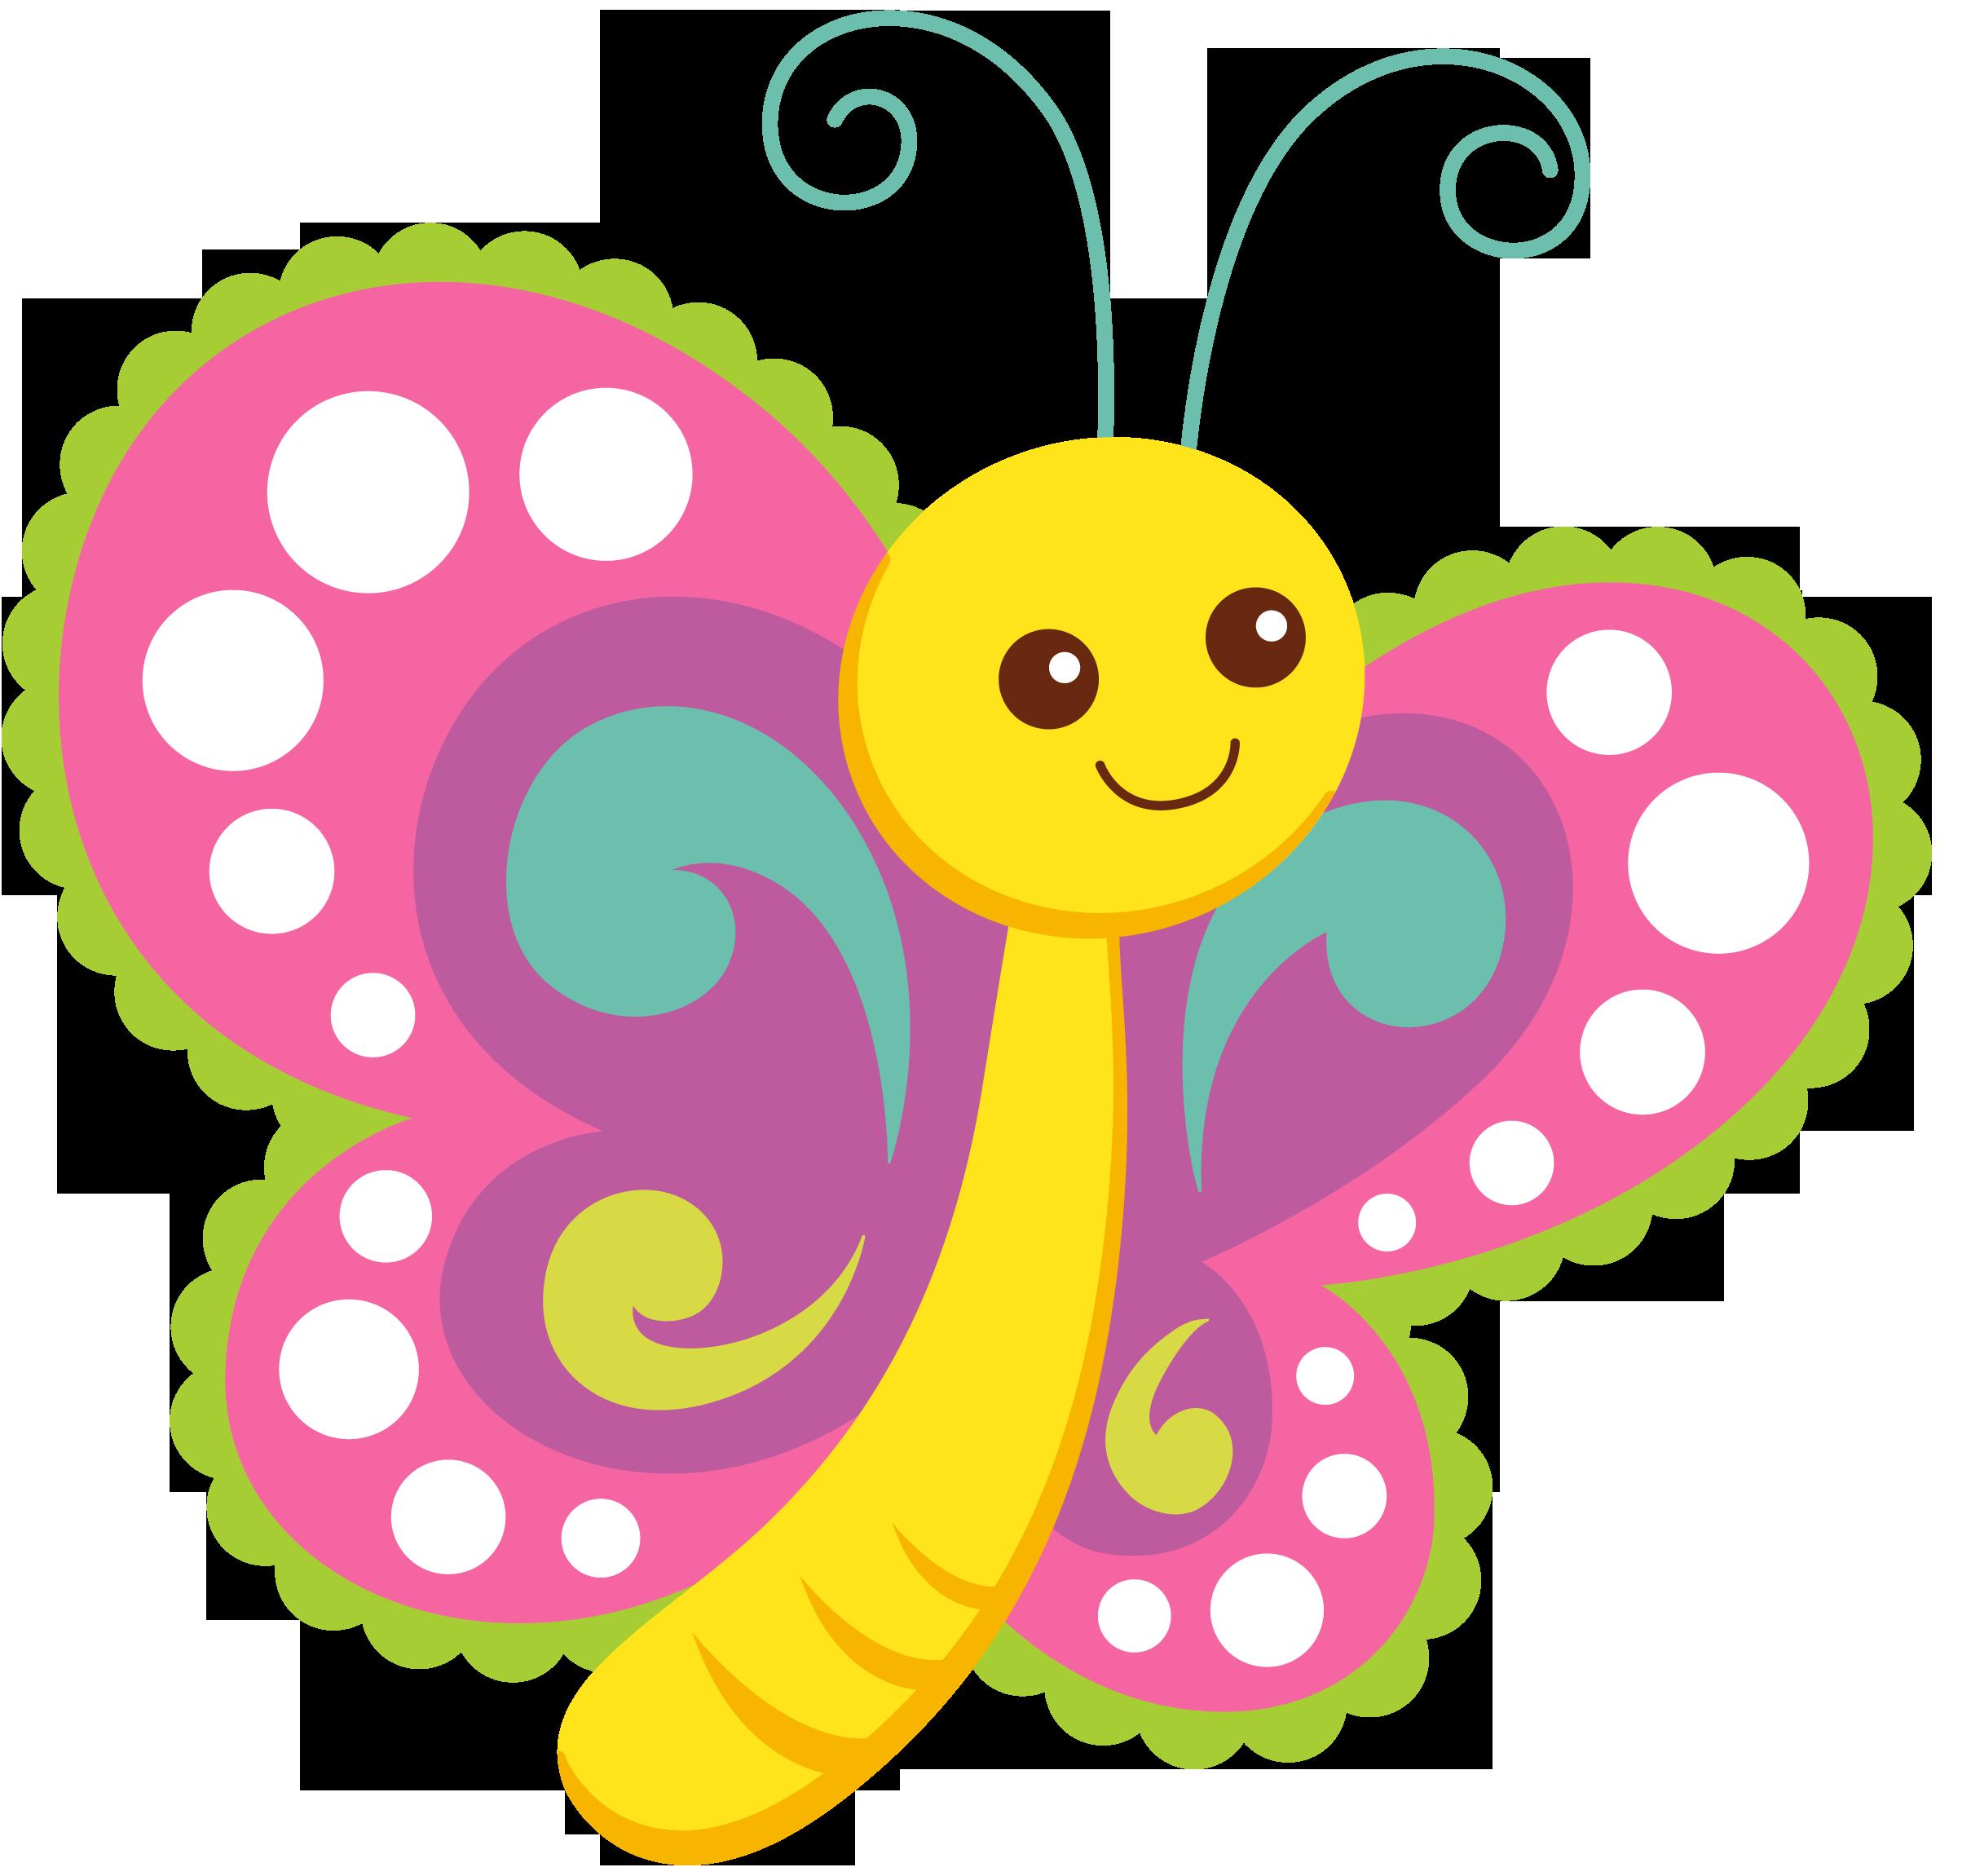 Resultado De Imagen De Dibujos Infantiles Mariposas Imagenes De Mariposas Animadas Manualidades Dibujos De Mariposas Infantiles